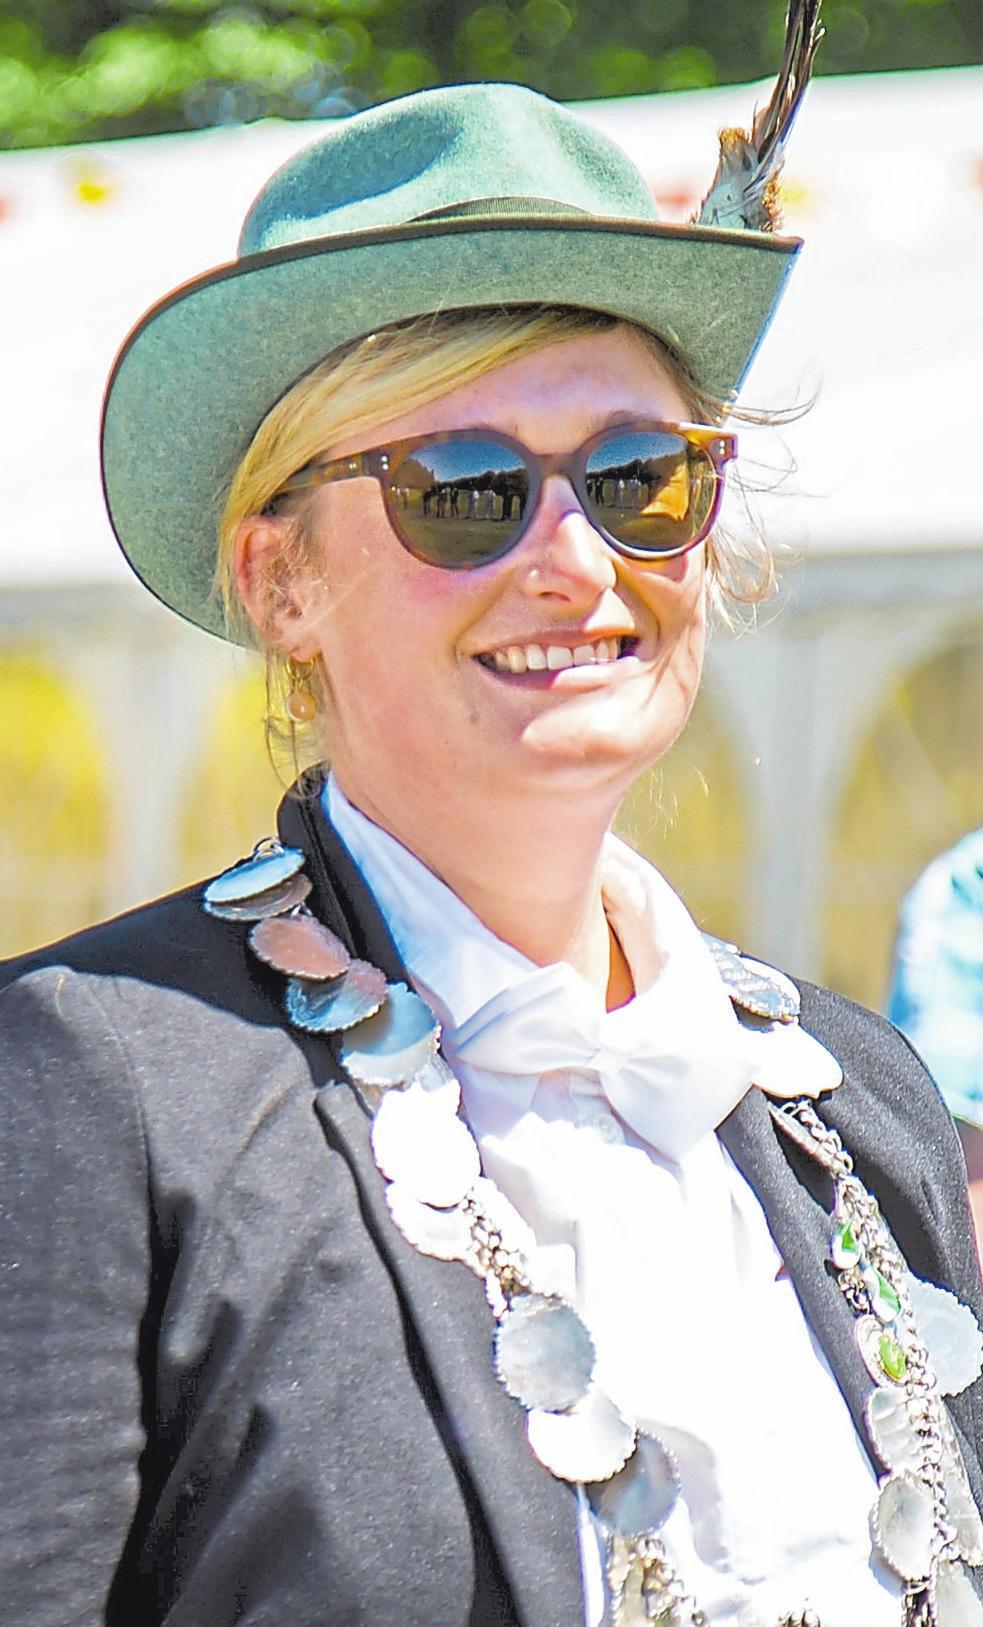 Victoria Whiley sicherte sich 2018 den Titel der Jungschützenkönigin. Fotos: Siedlergemeinschaft Gievenbeck